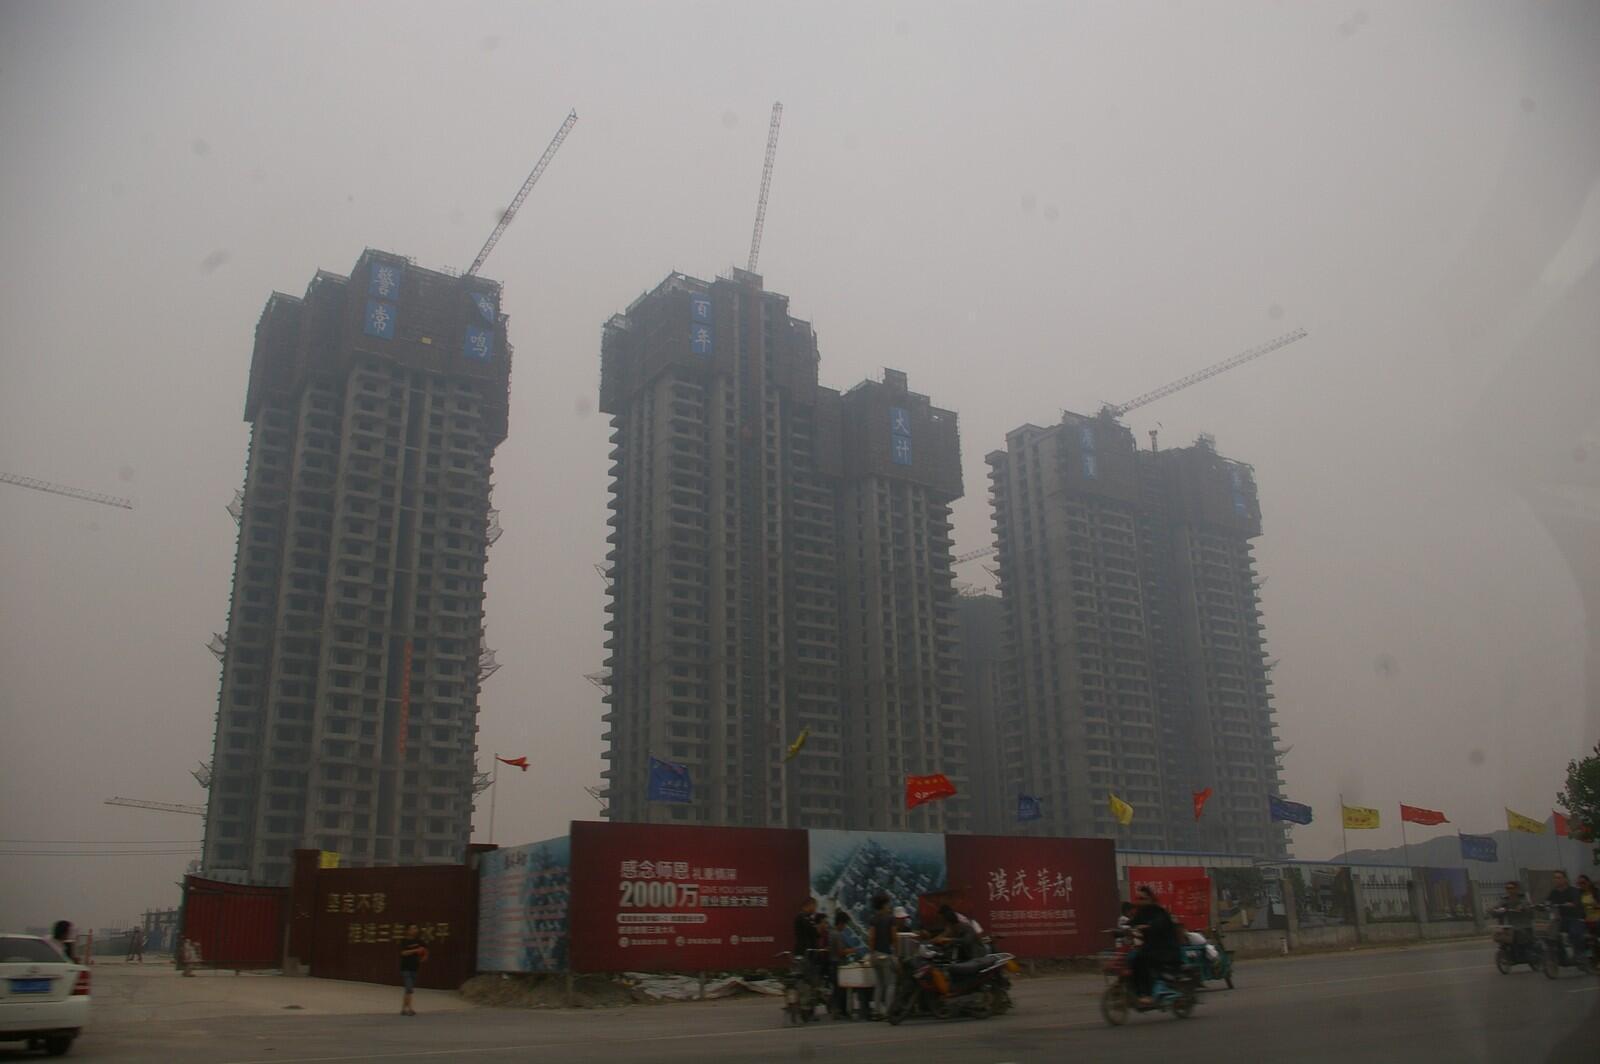 Brouillard sur la ville de Handan (province du Hebei, Chine) où l'indice de pollution était au plus haut le lundi 17 juin 2013.